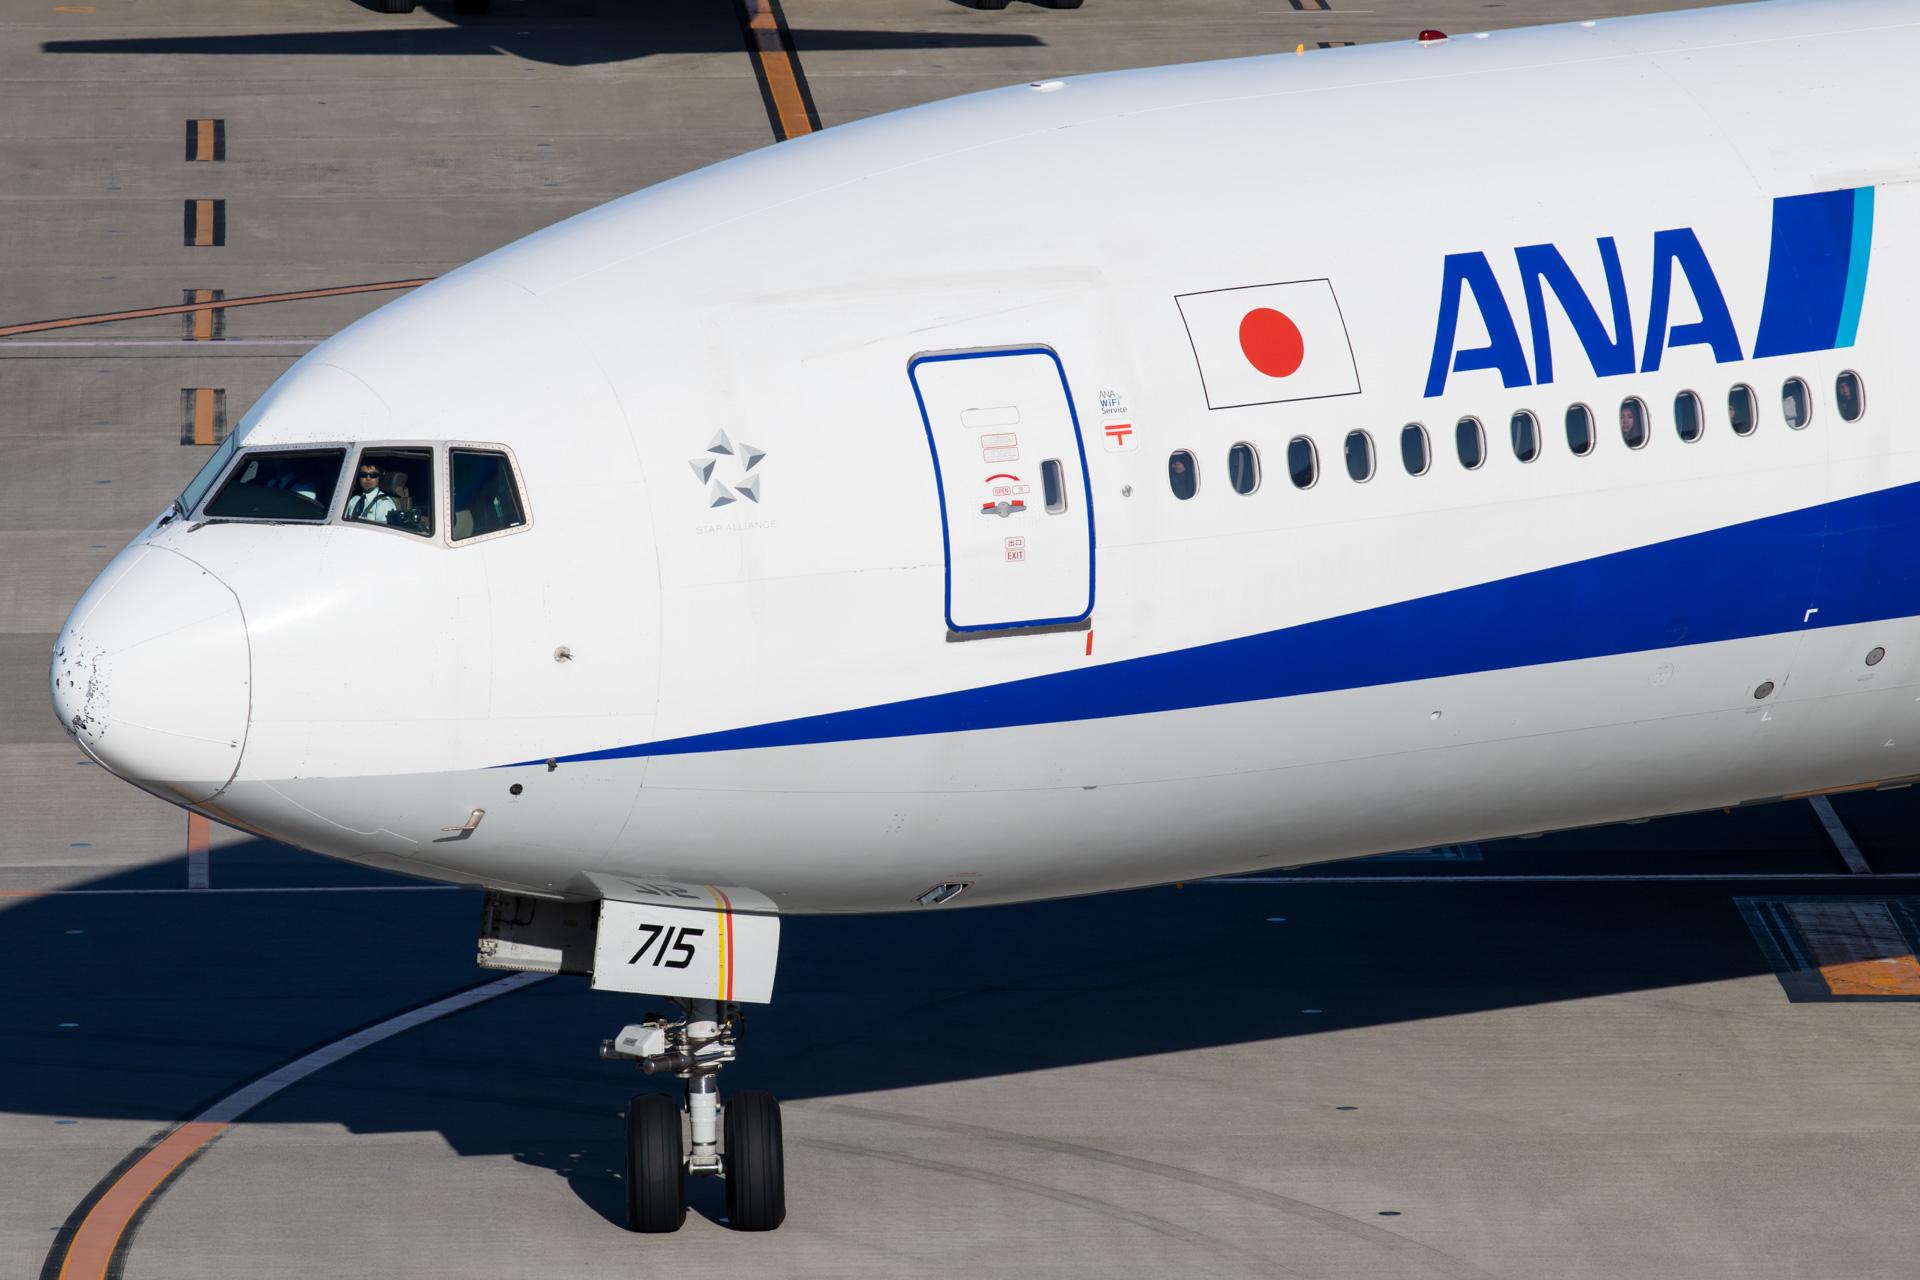 All Nippon Airways Boeing 777-200